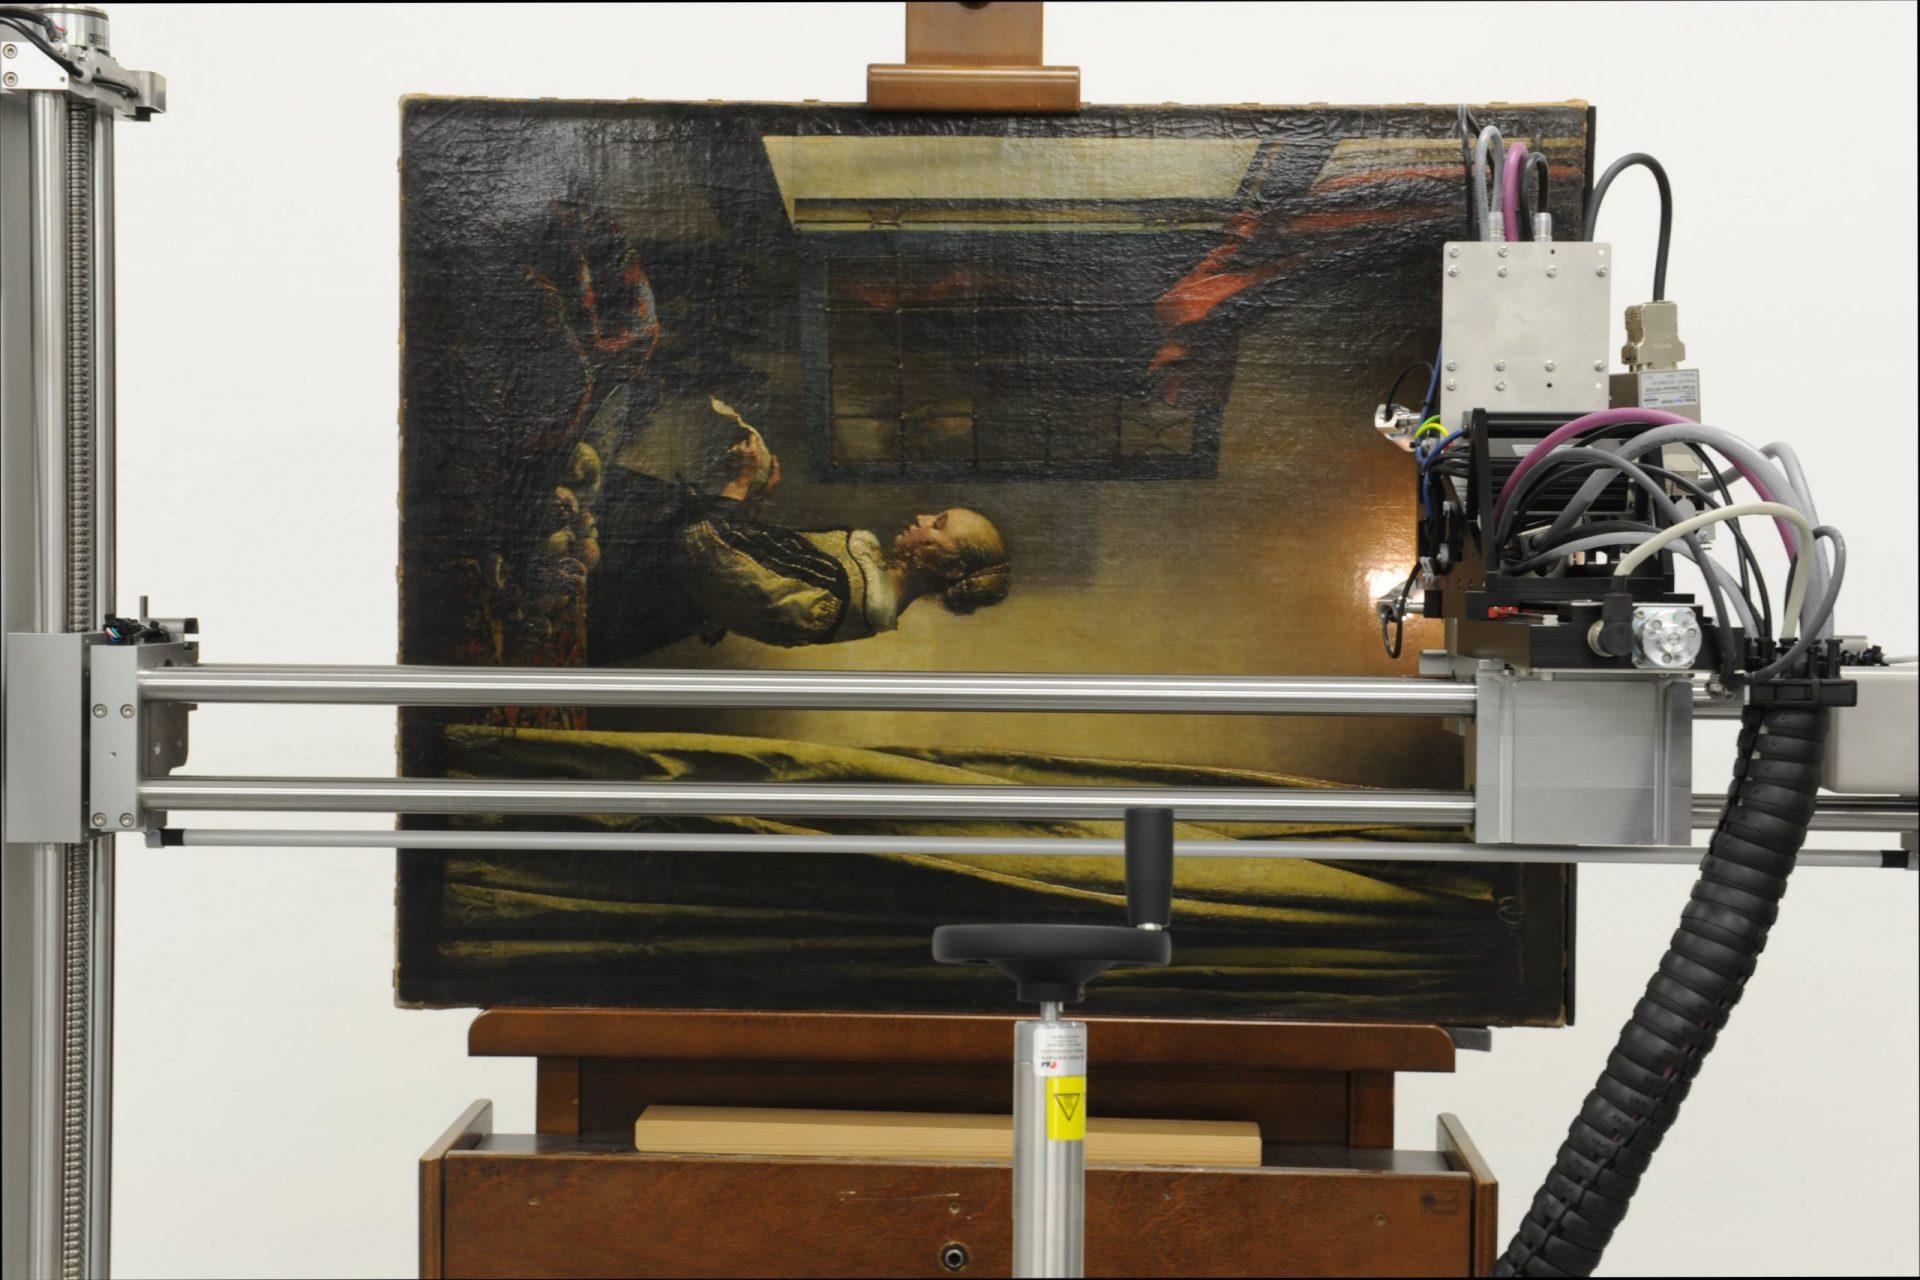 Röntgenfluoreszenzanalyse an Johannes Vermeer, Brieflesendes Mädchen am offenen Fenster, um 1657-59 (© Gemäldegalerie Alte Meister, Staatl. Kunstsammlungen Dresden, Foto: Maria Körber)